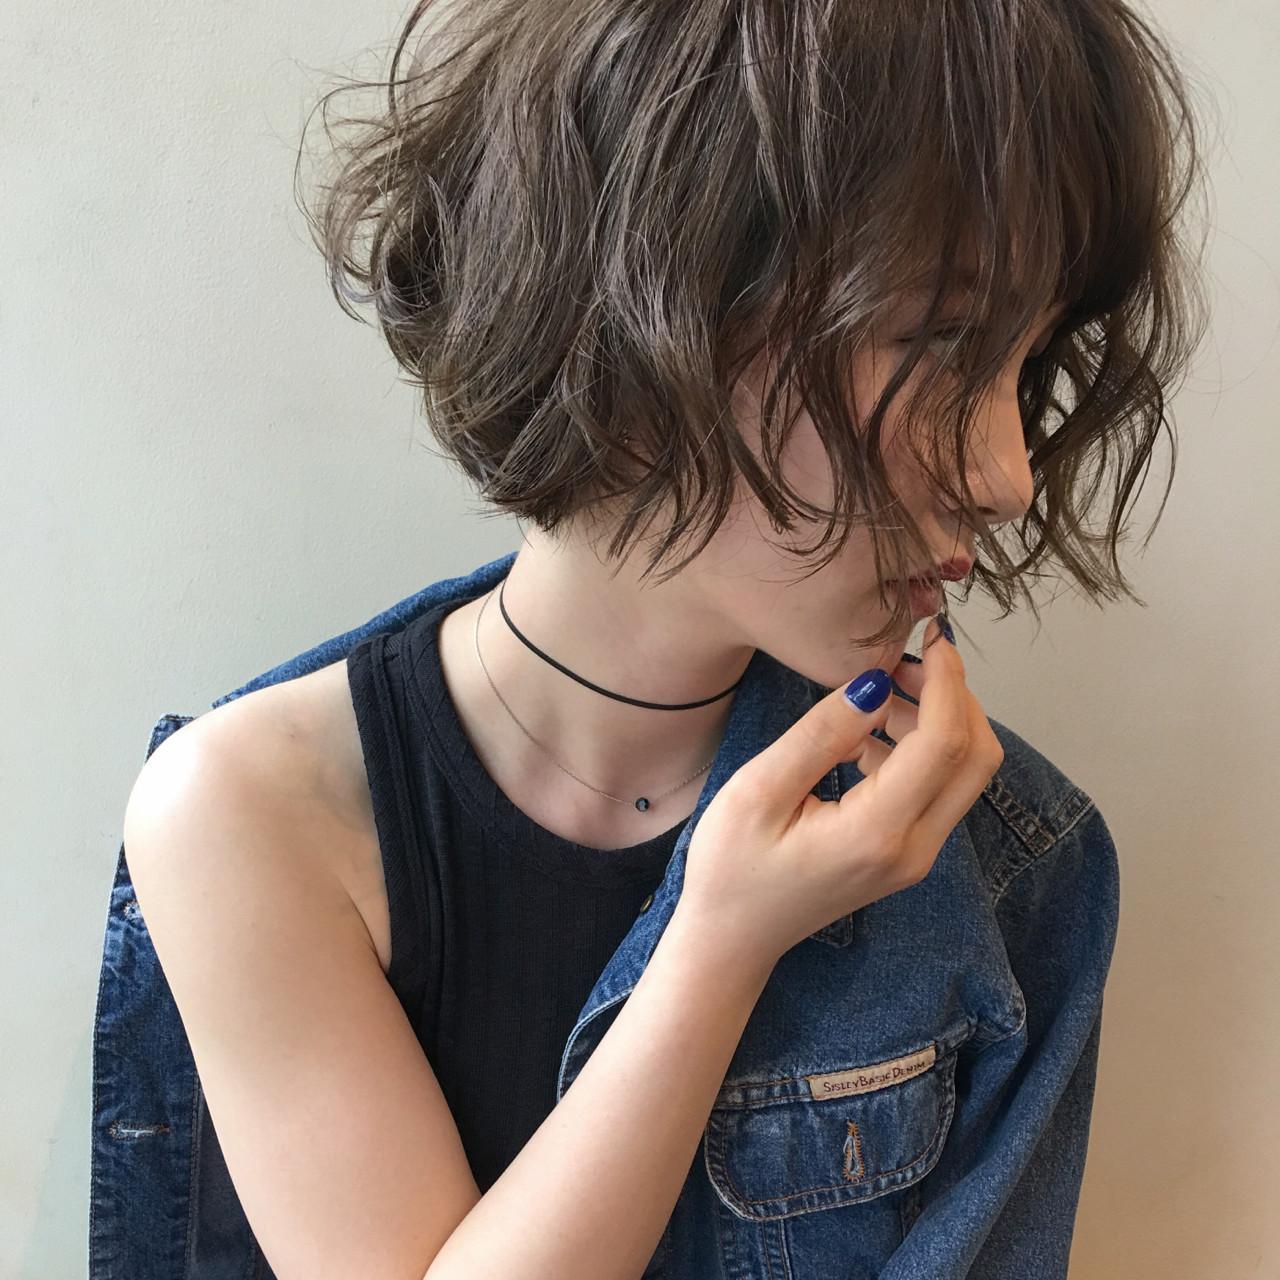 ヘアアイロンでの巻き方間違ってない?適正温度できれいな巻き髪に。の14枚目の画像